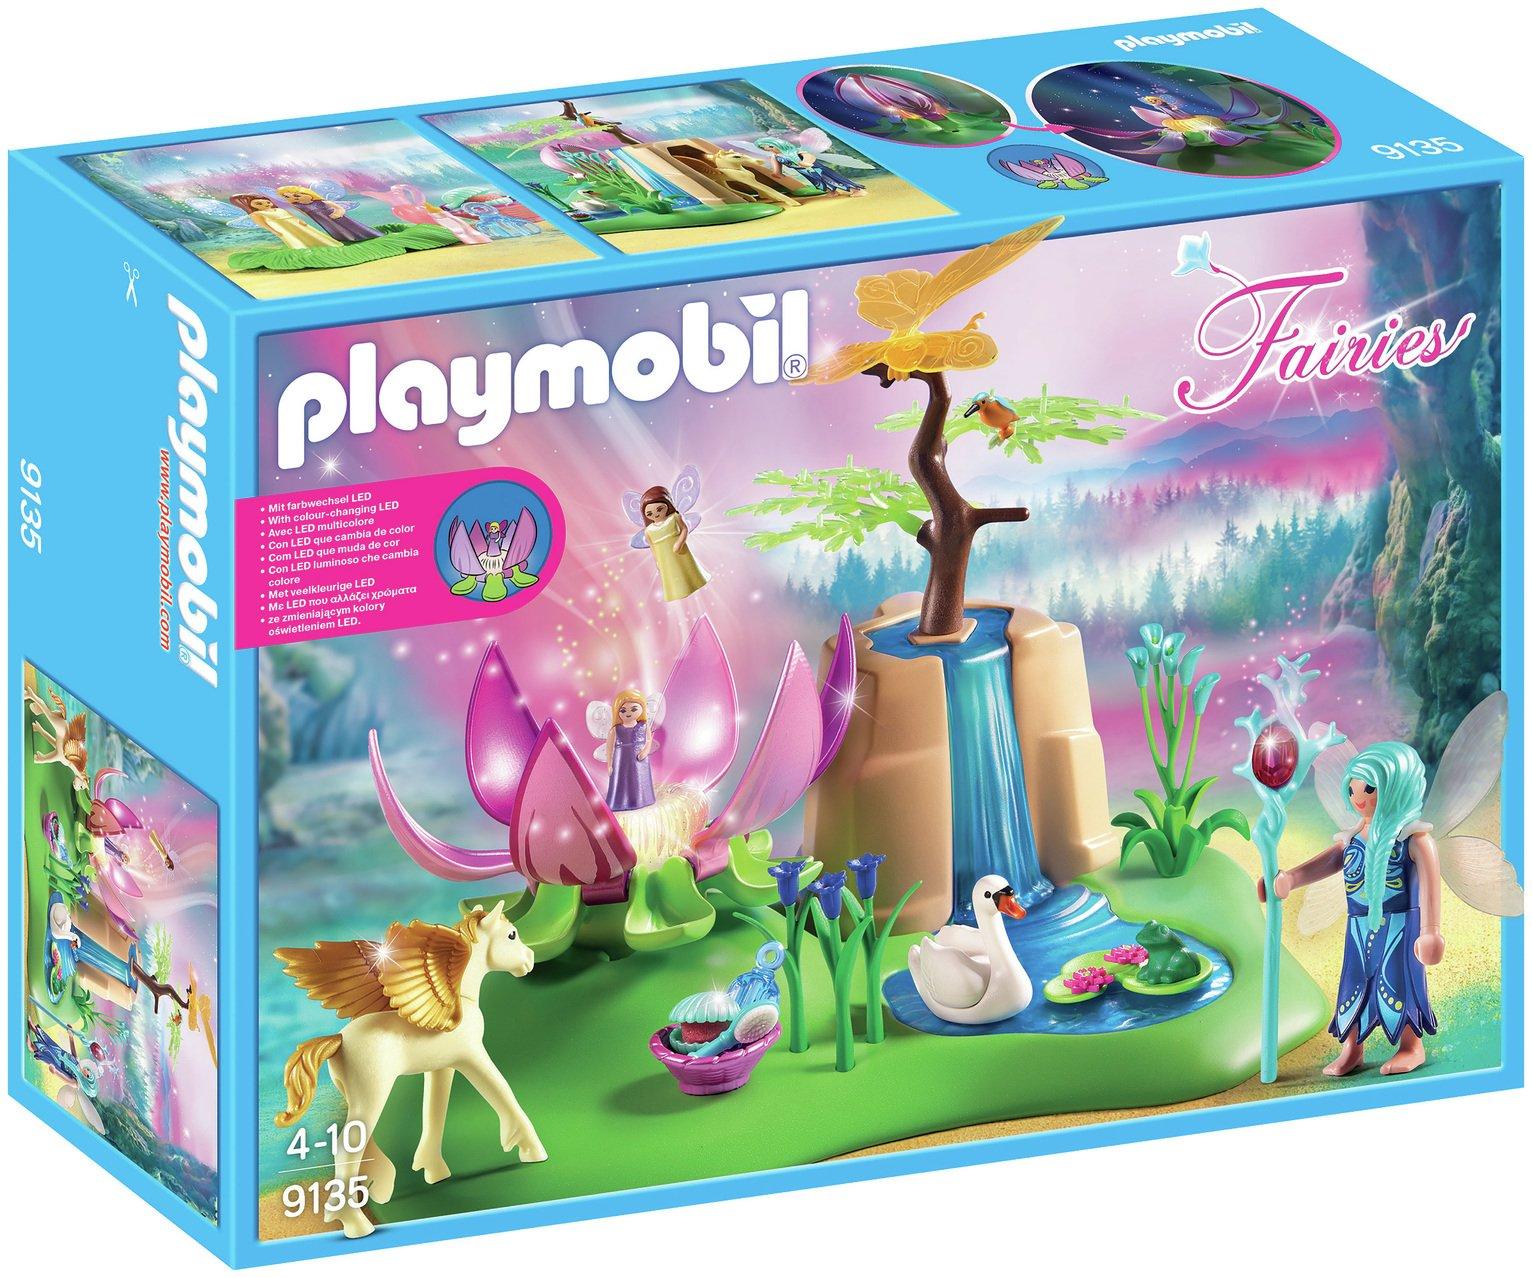 Playmobil 9135 Fairies Mystical Fairy Glen